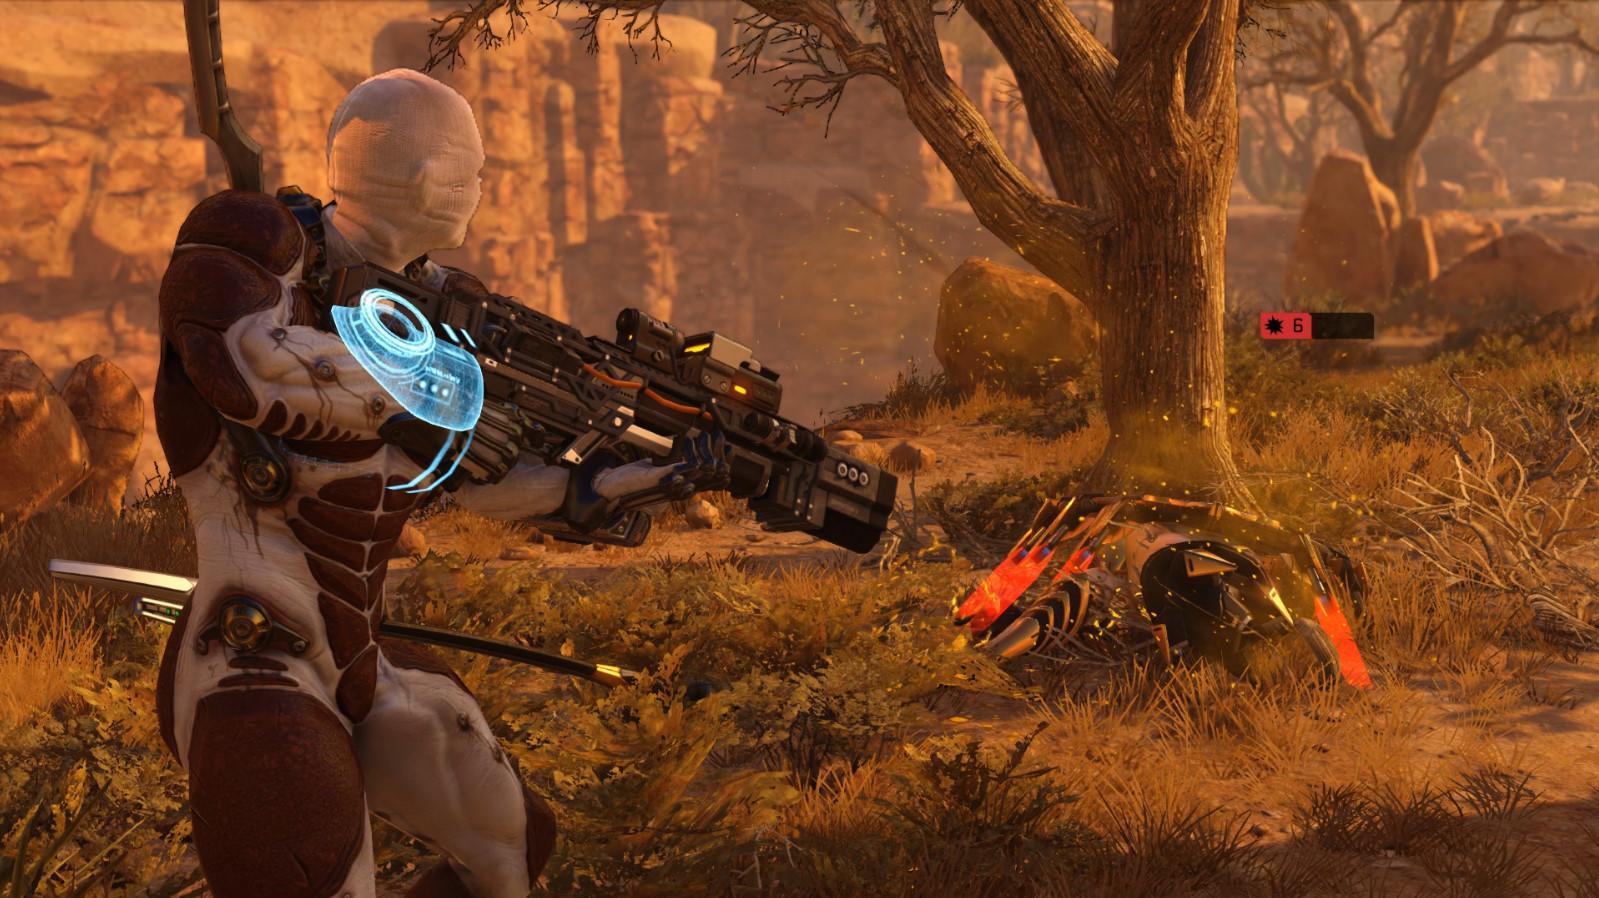 Враг мертв.jpg - XCOM 2